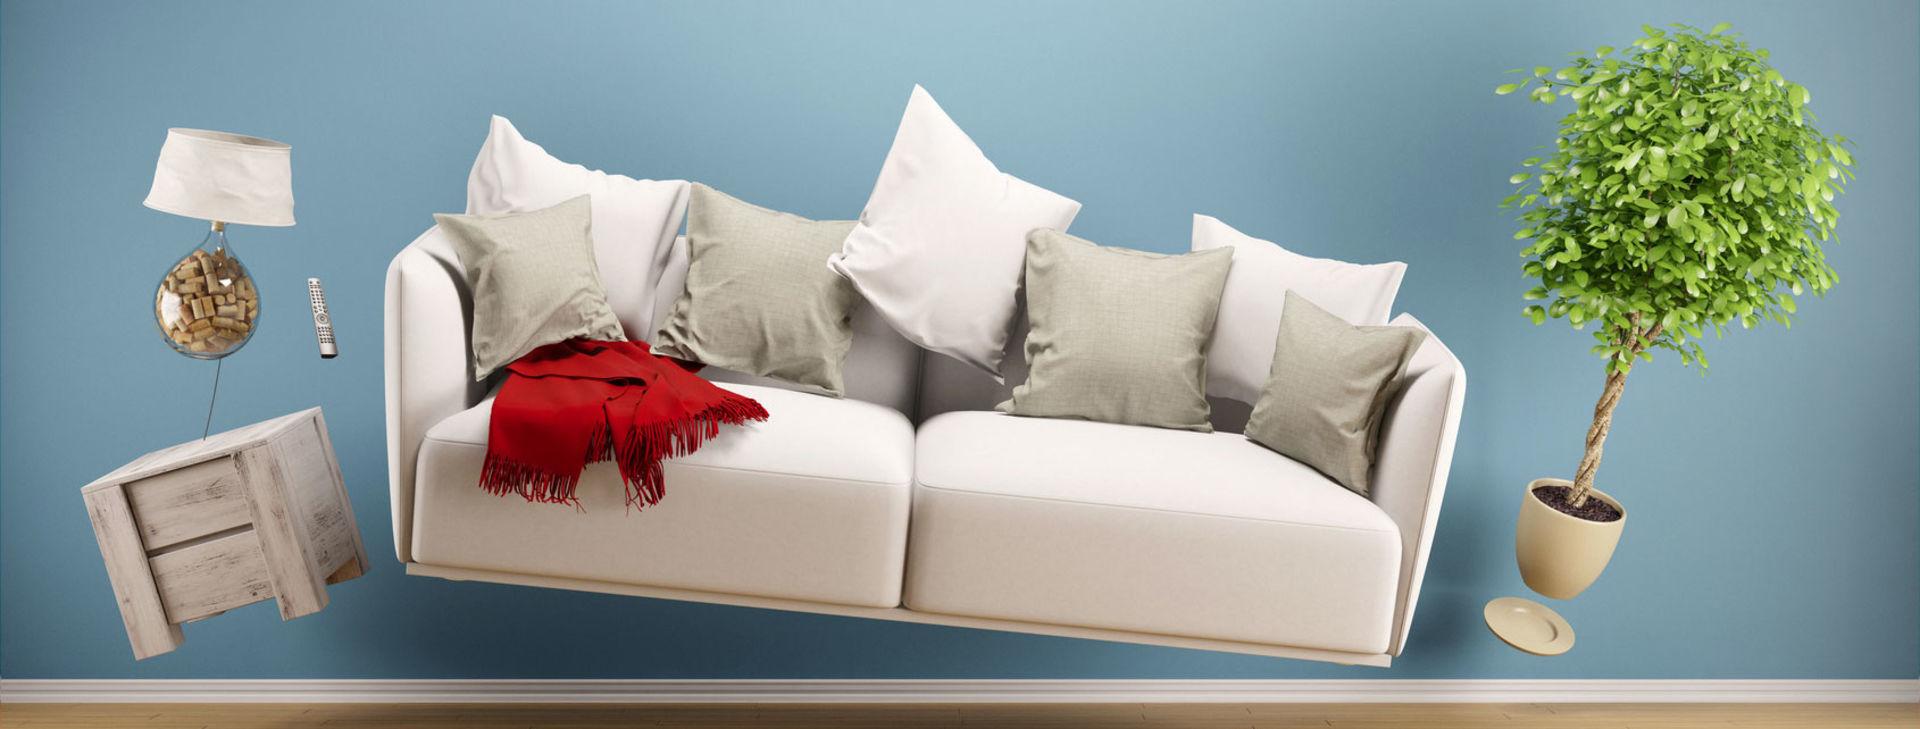 Home Staging Verkauf Immobilien: Wohnzimmer